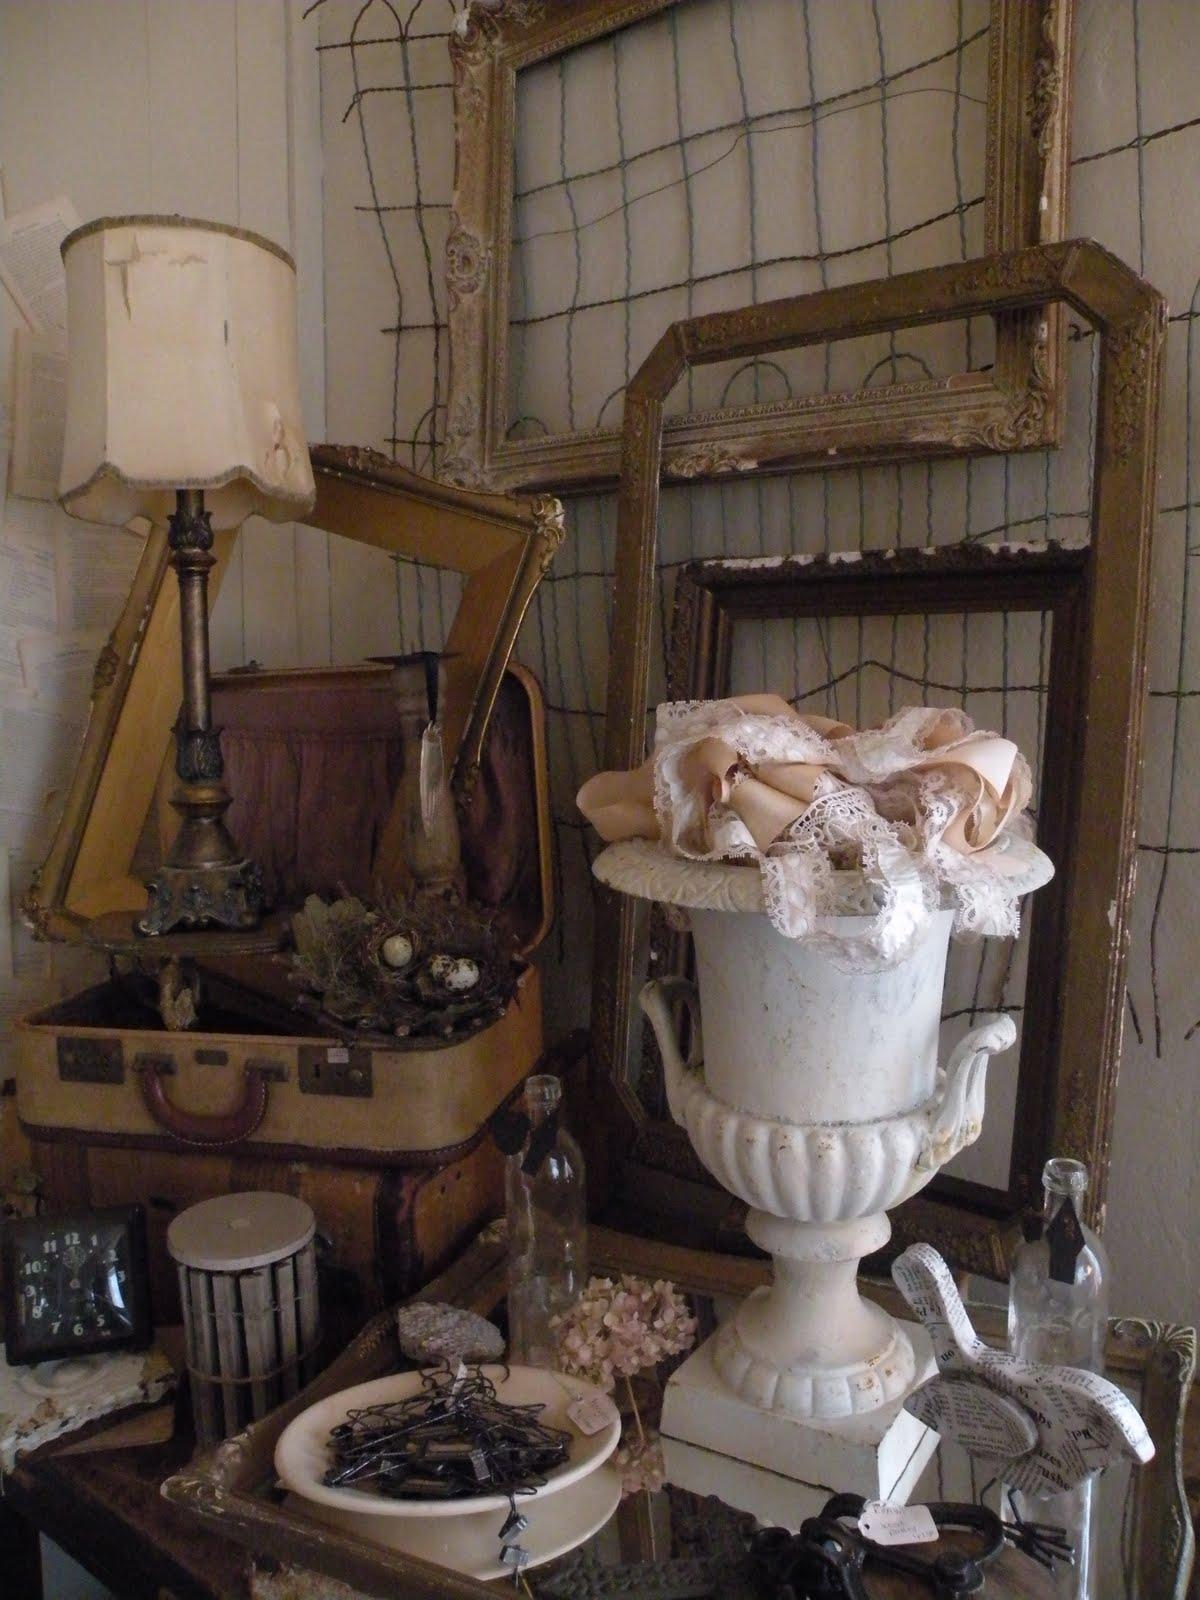 Decoracion vintage industrial retro chic inspiracion - Decoracion vintage industrial ...